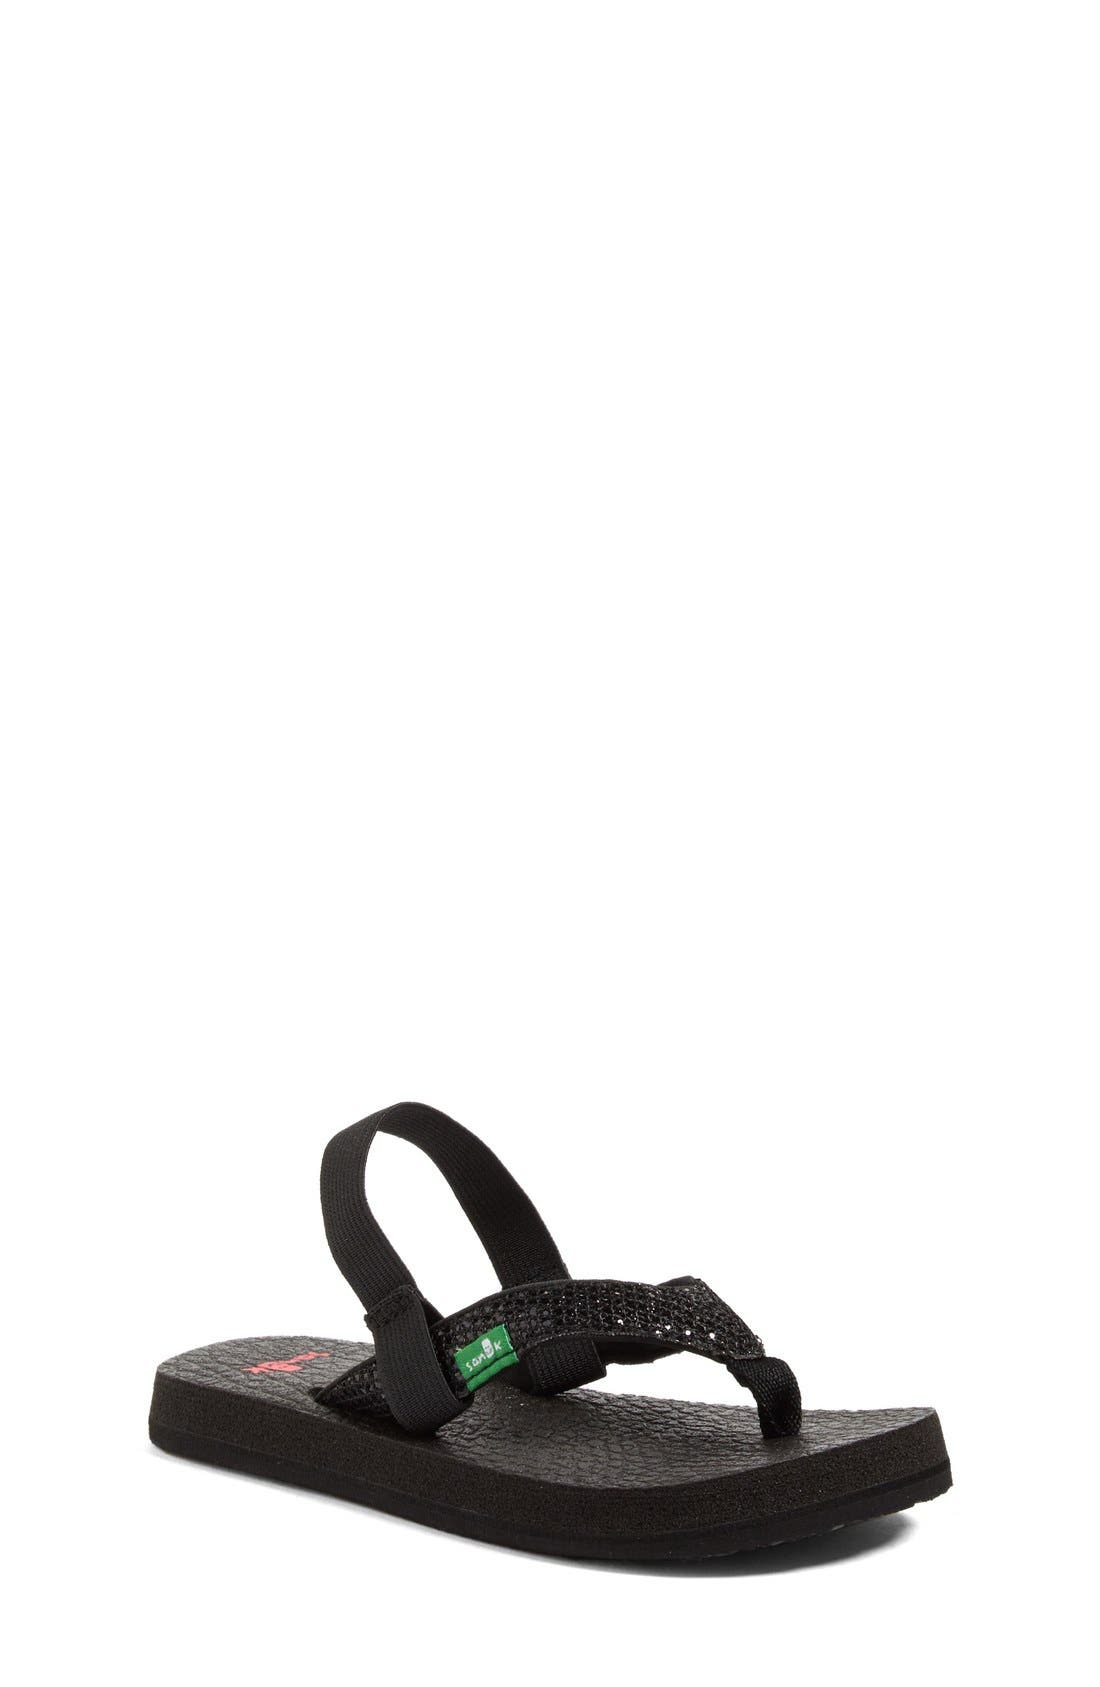 Sanuk 'Yoga' Glitter Sandal (Toddler, Little Kid & Big Kid)